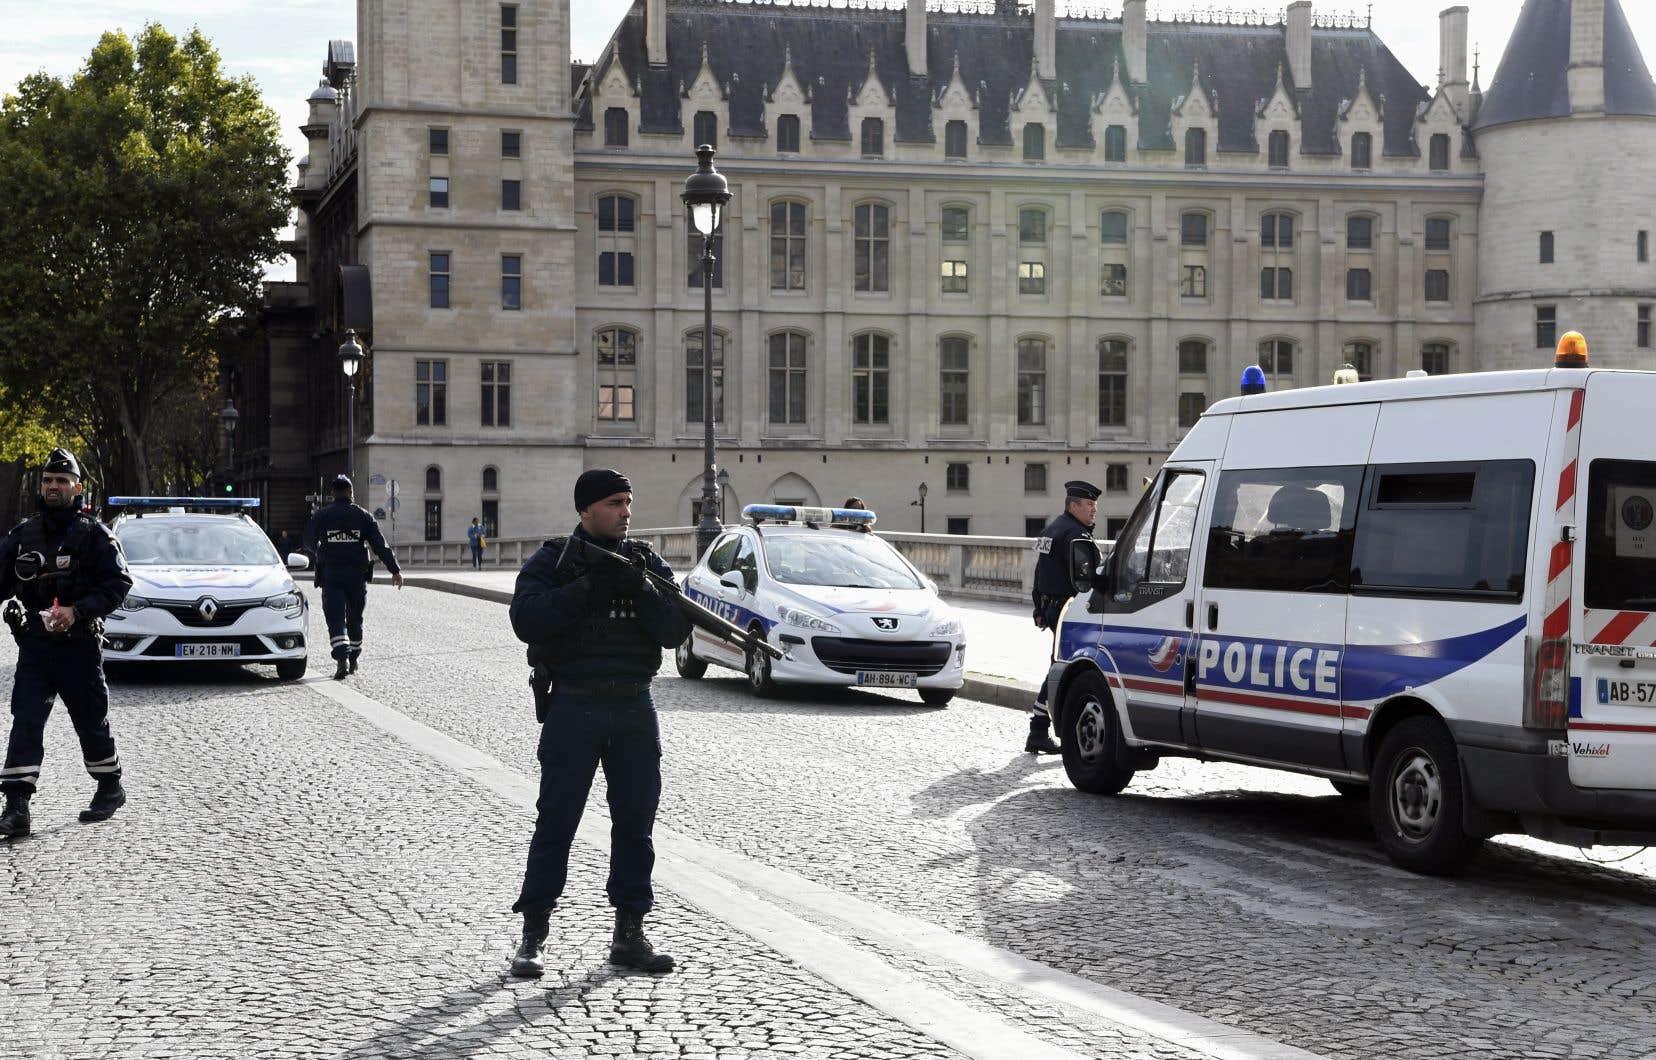 L'attaque meurtrière de jeudi à la préfecture de police de Paris est désormais traitée comme un acte terroriste.